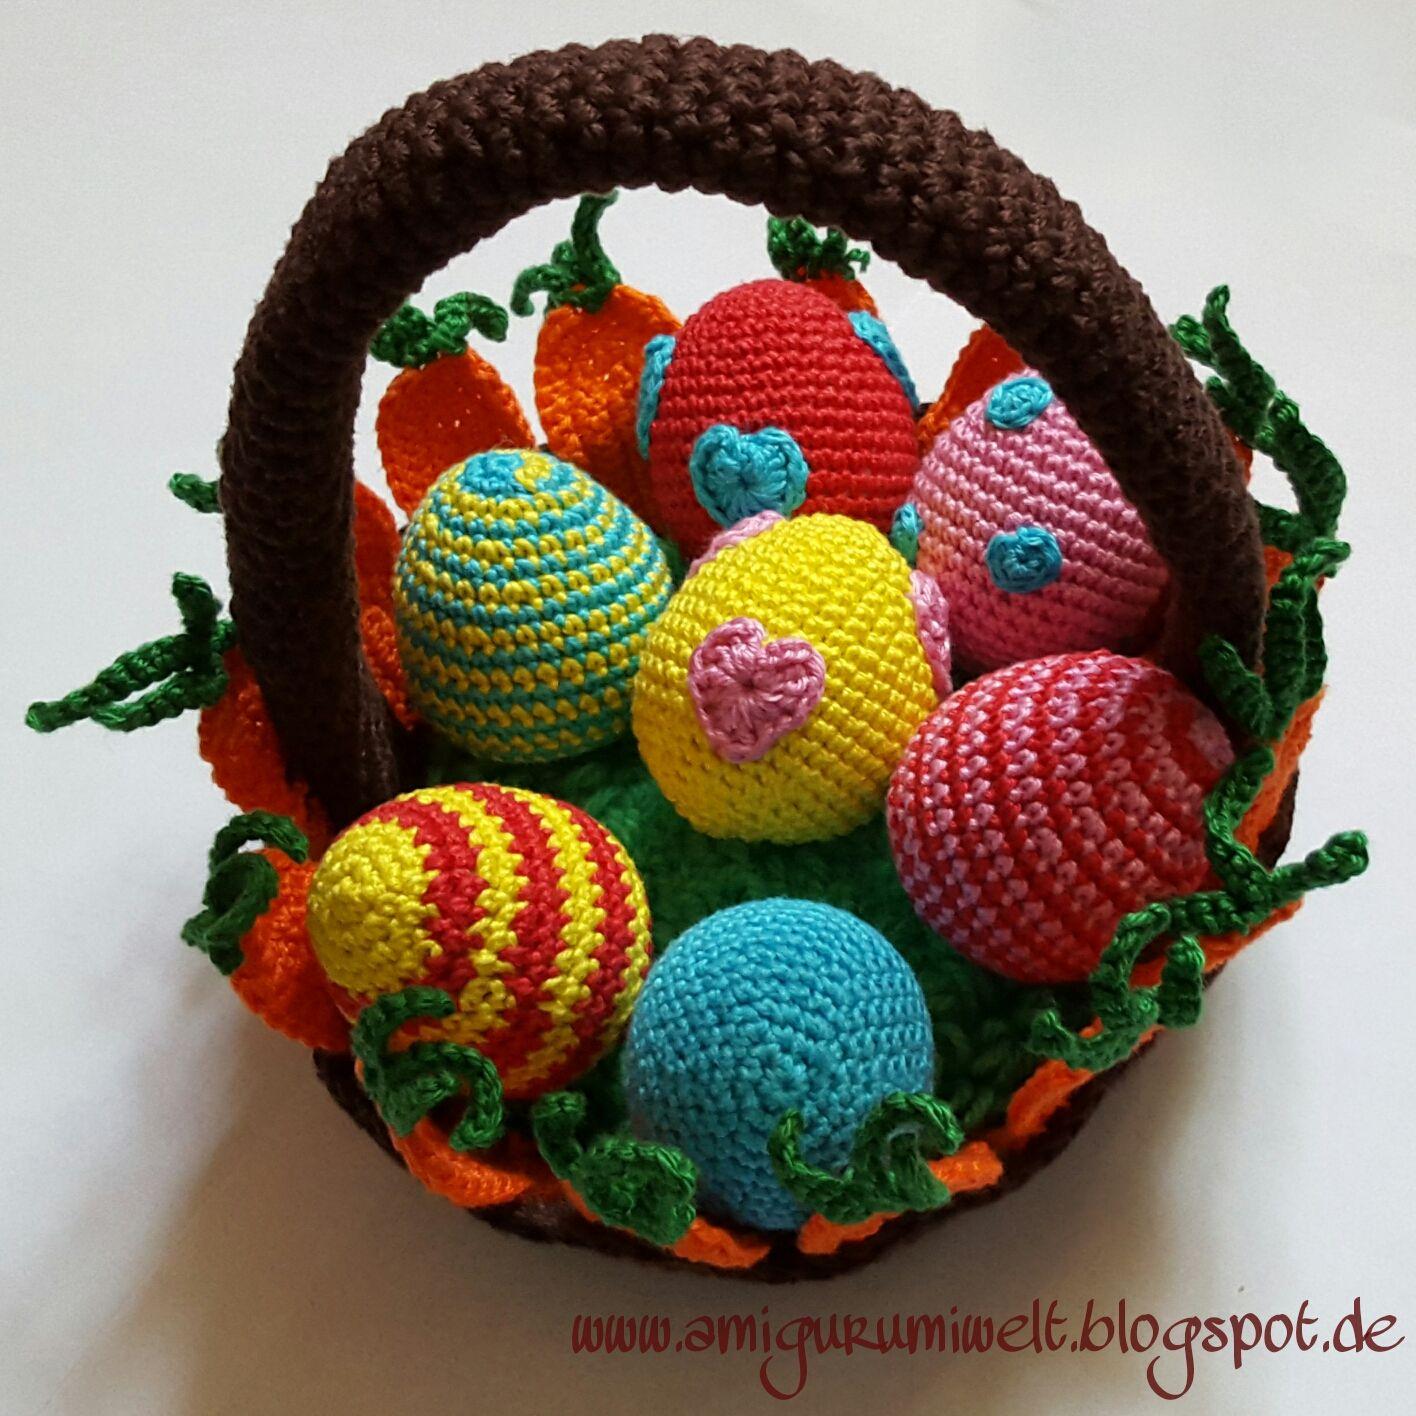 Amigurumi, crochet, häkeln, kostenlos, free, patron, gratis ...